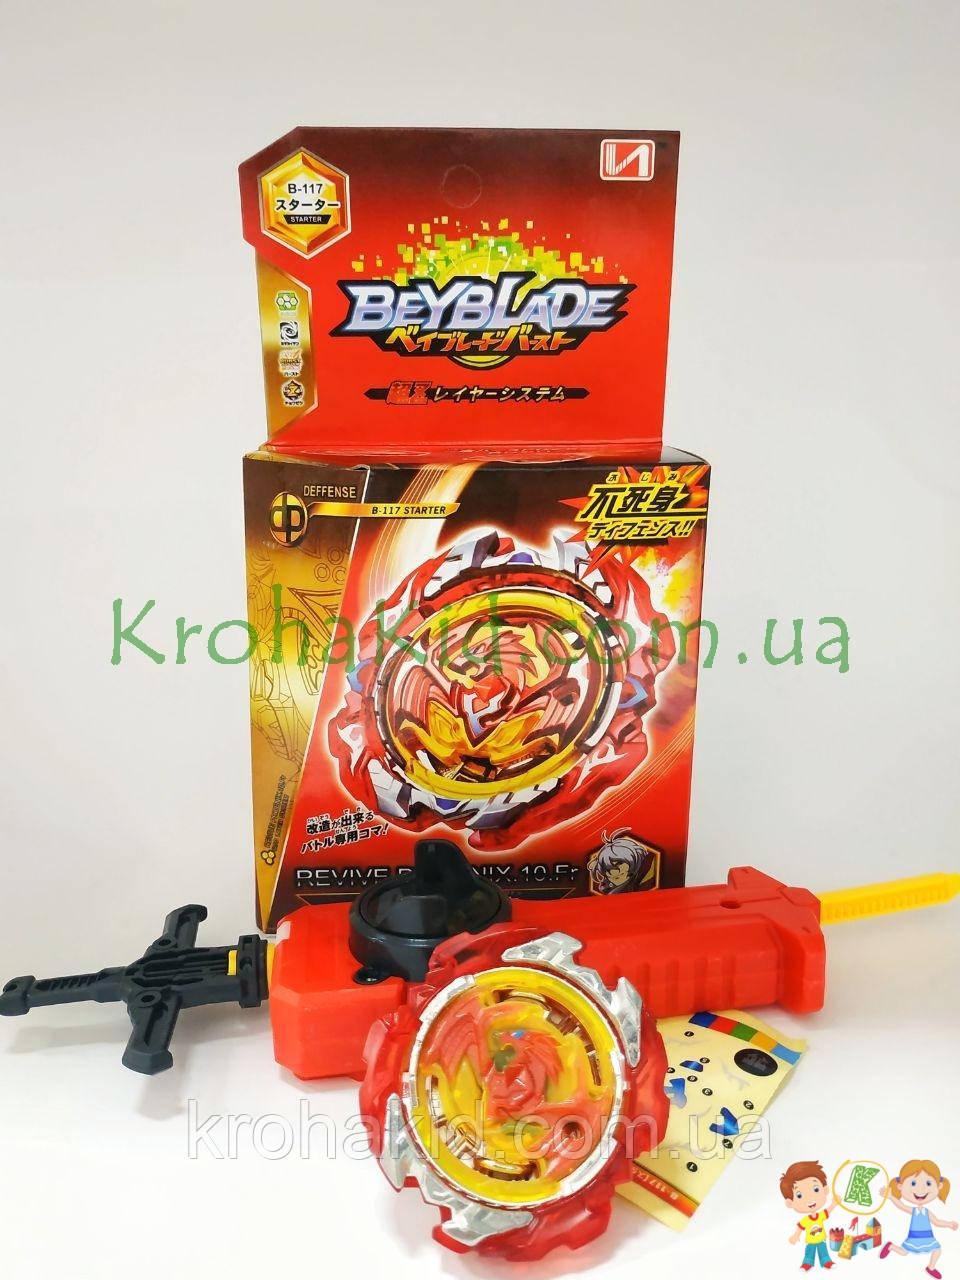 Игрушка BeyBlade Revive Phoenix В-117 / Бейблэйд Возрожденный Феникс (красный с желтым) N